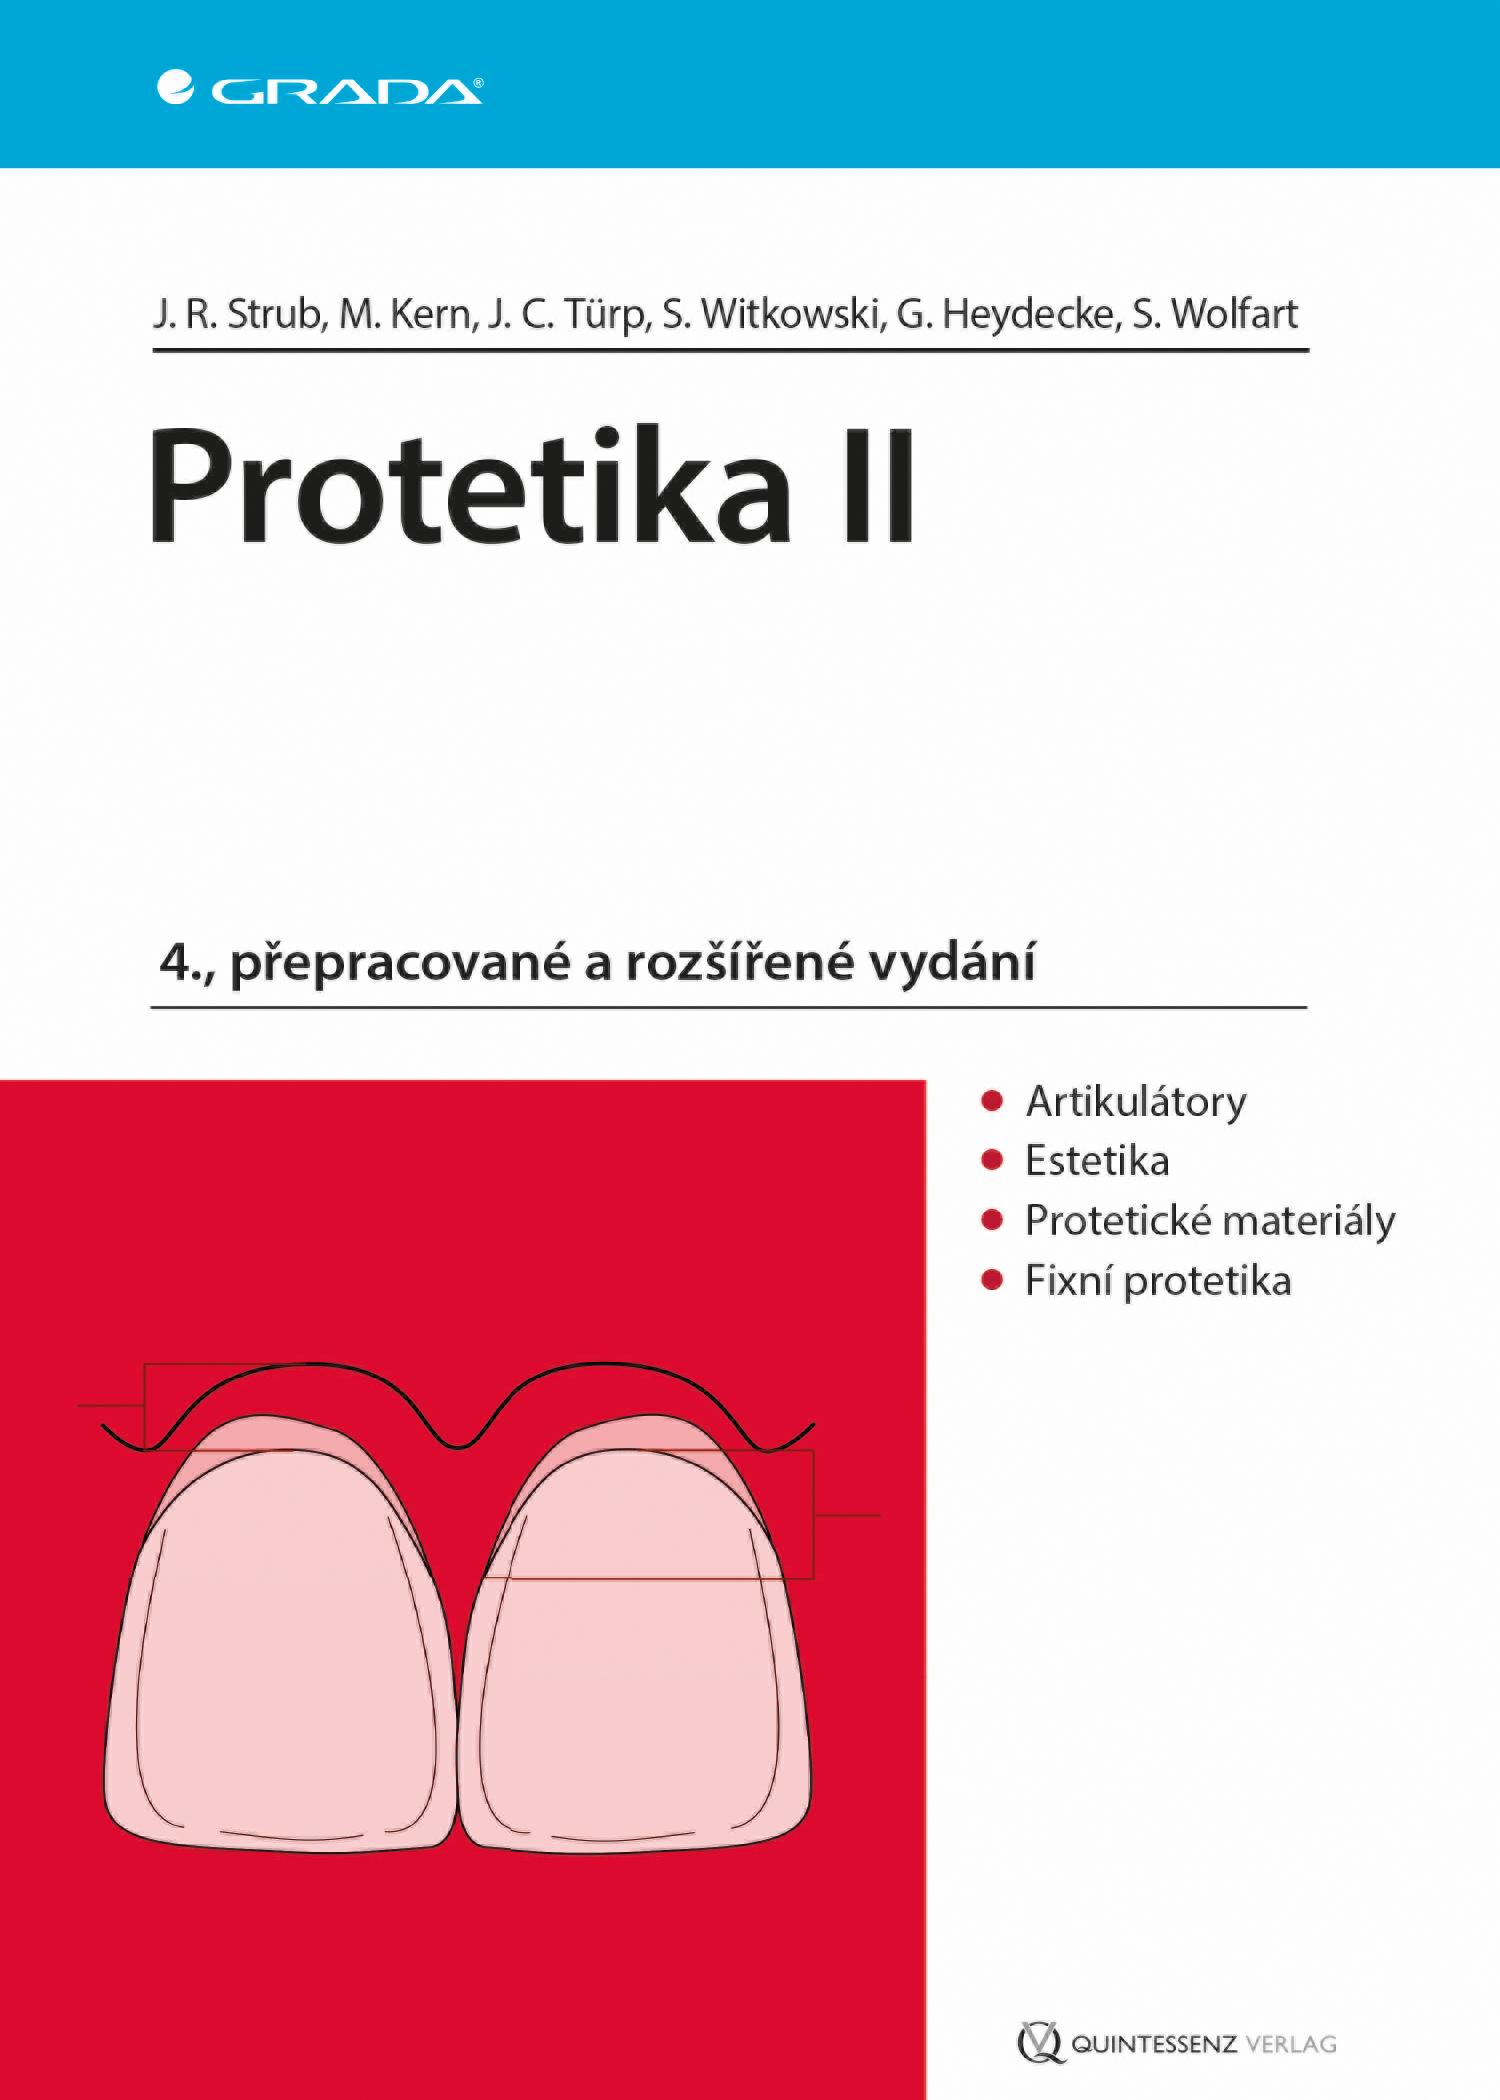 Protetika II, 4., přepracované a rozšířené vydání